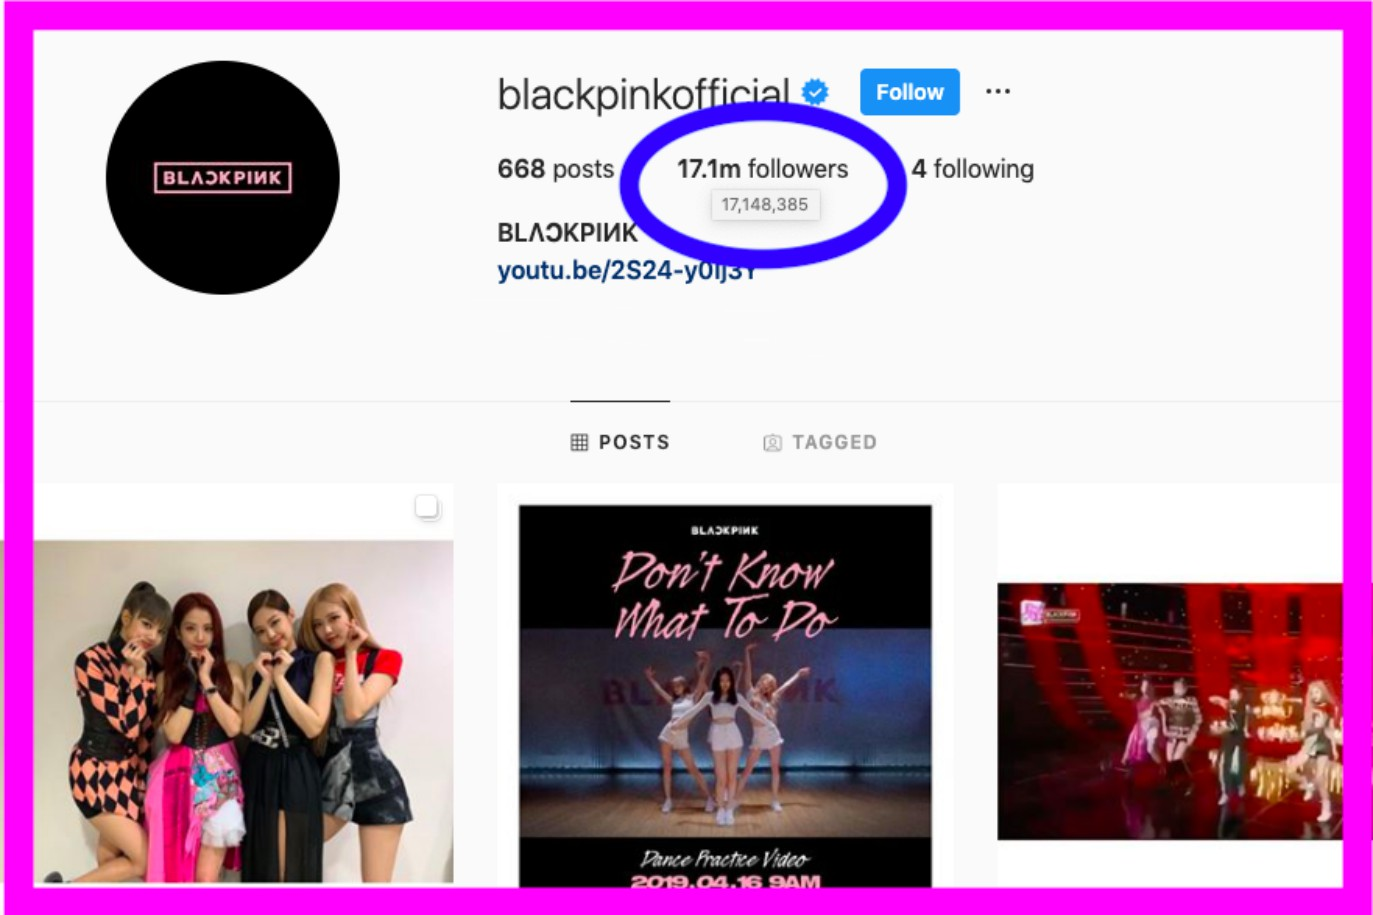 blackpink instagram count